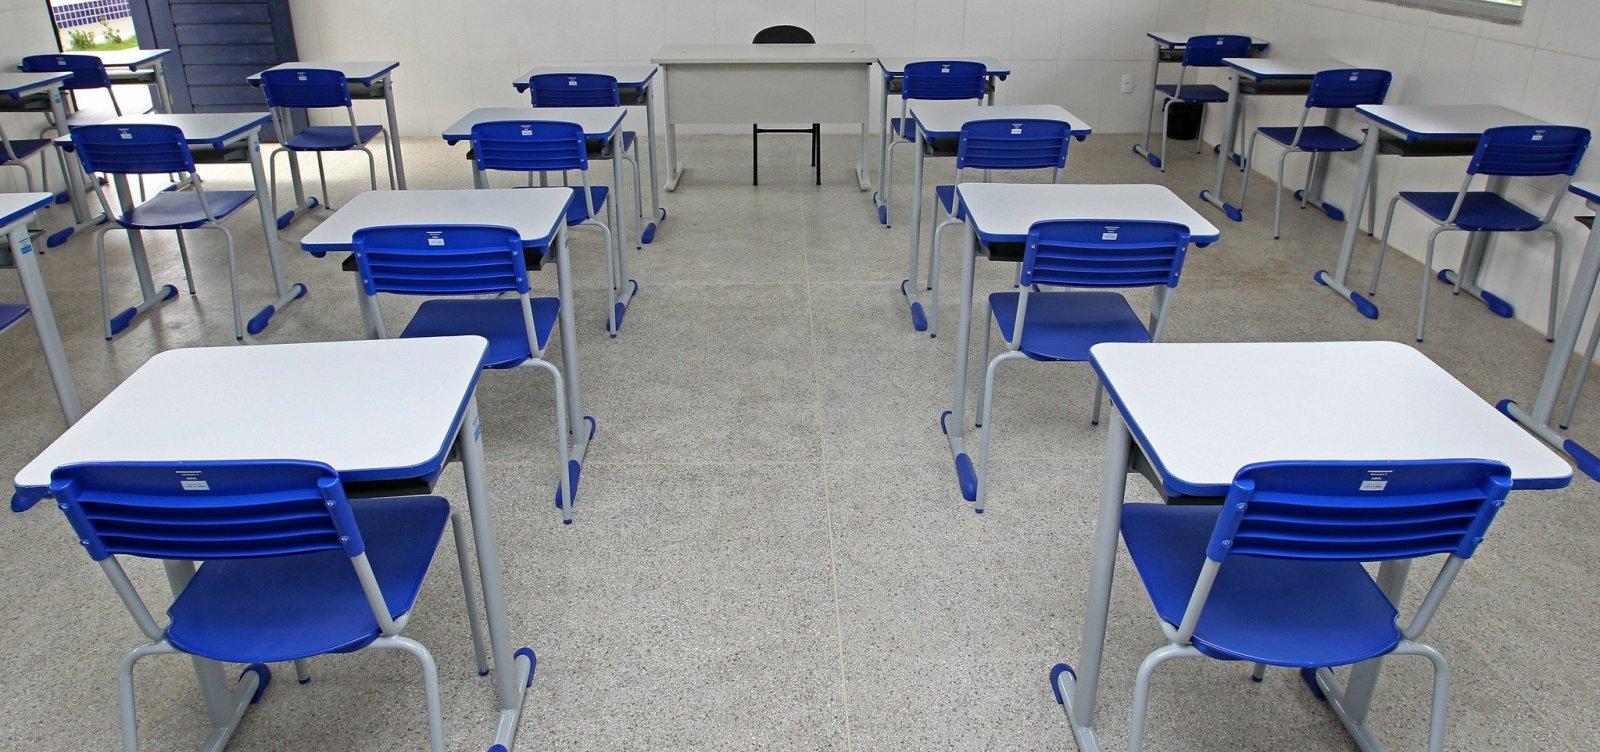 Em São Paulo, prefeitura libera retorno de aulas presenciais em fevereiro